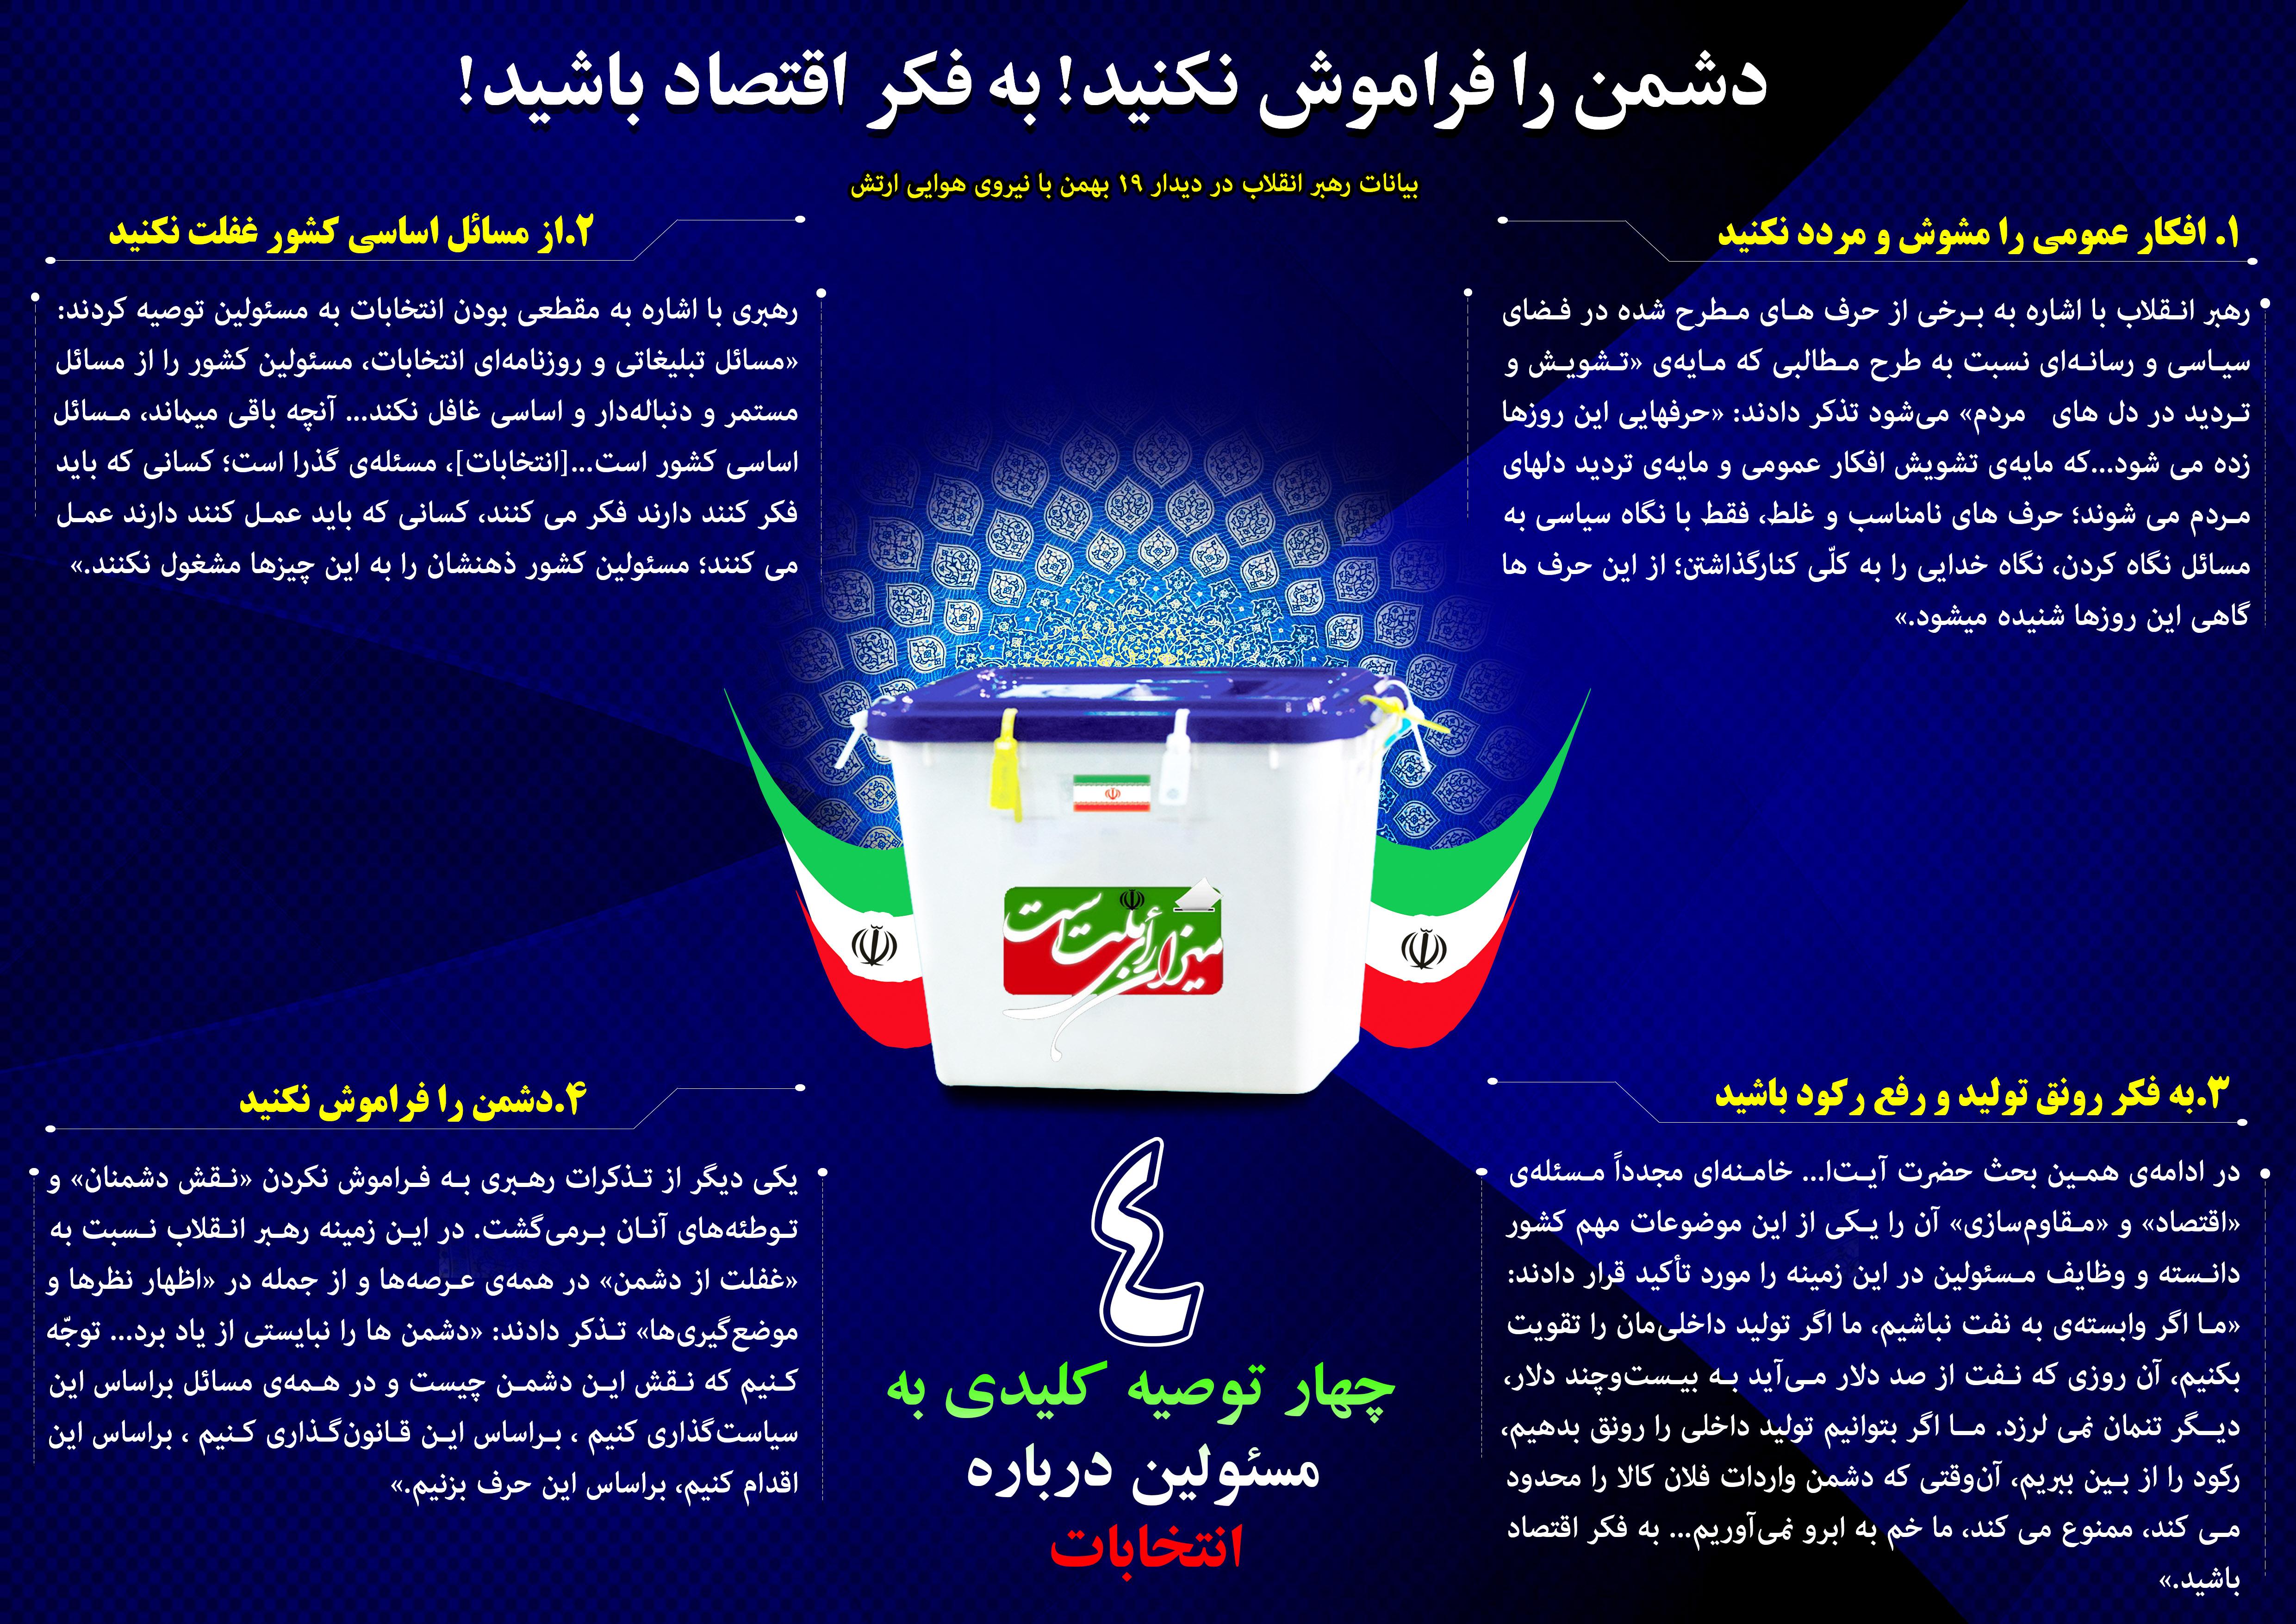 اینفوگرافیک توصیه کلیدی به مسئولین درباره انتخابات